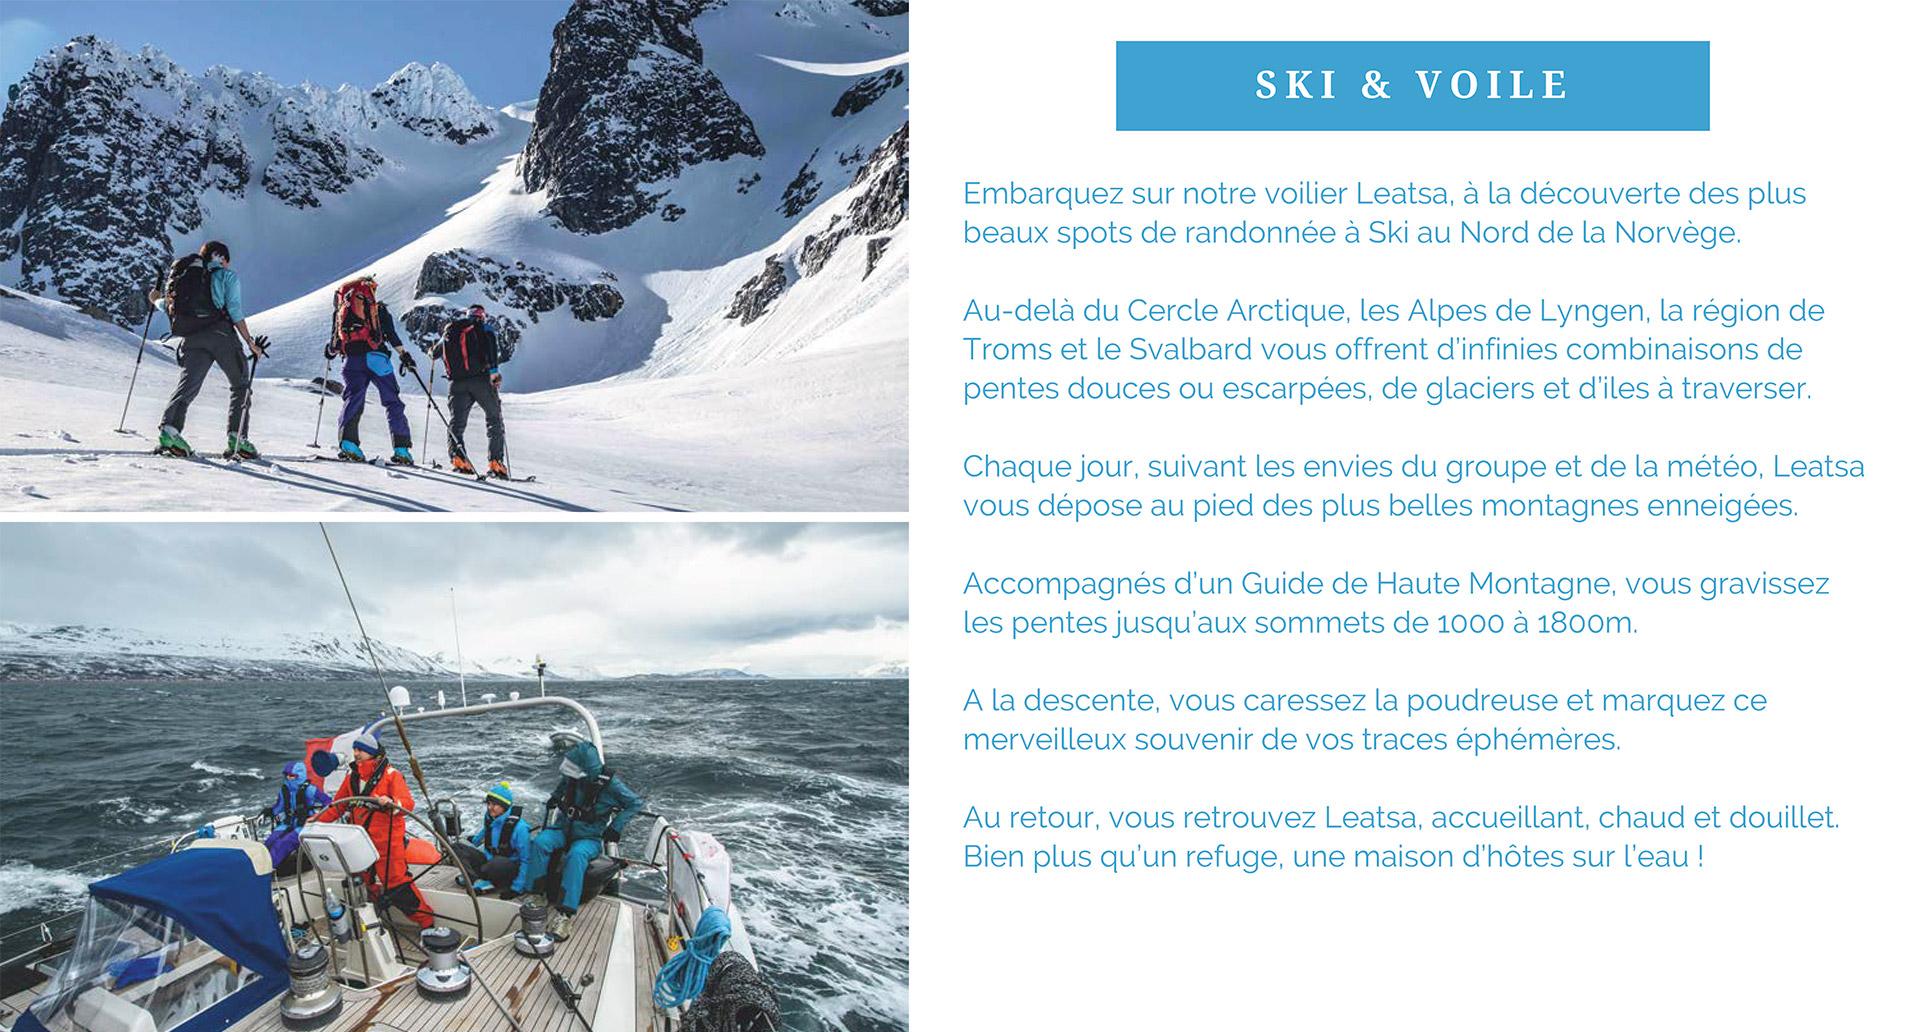 POLAR-SAILS_2019_Ski&Voile_v181105_FR-2